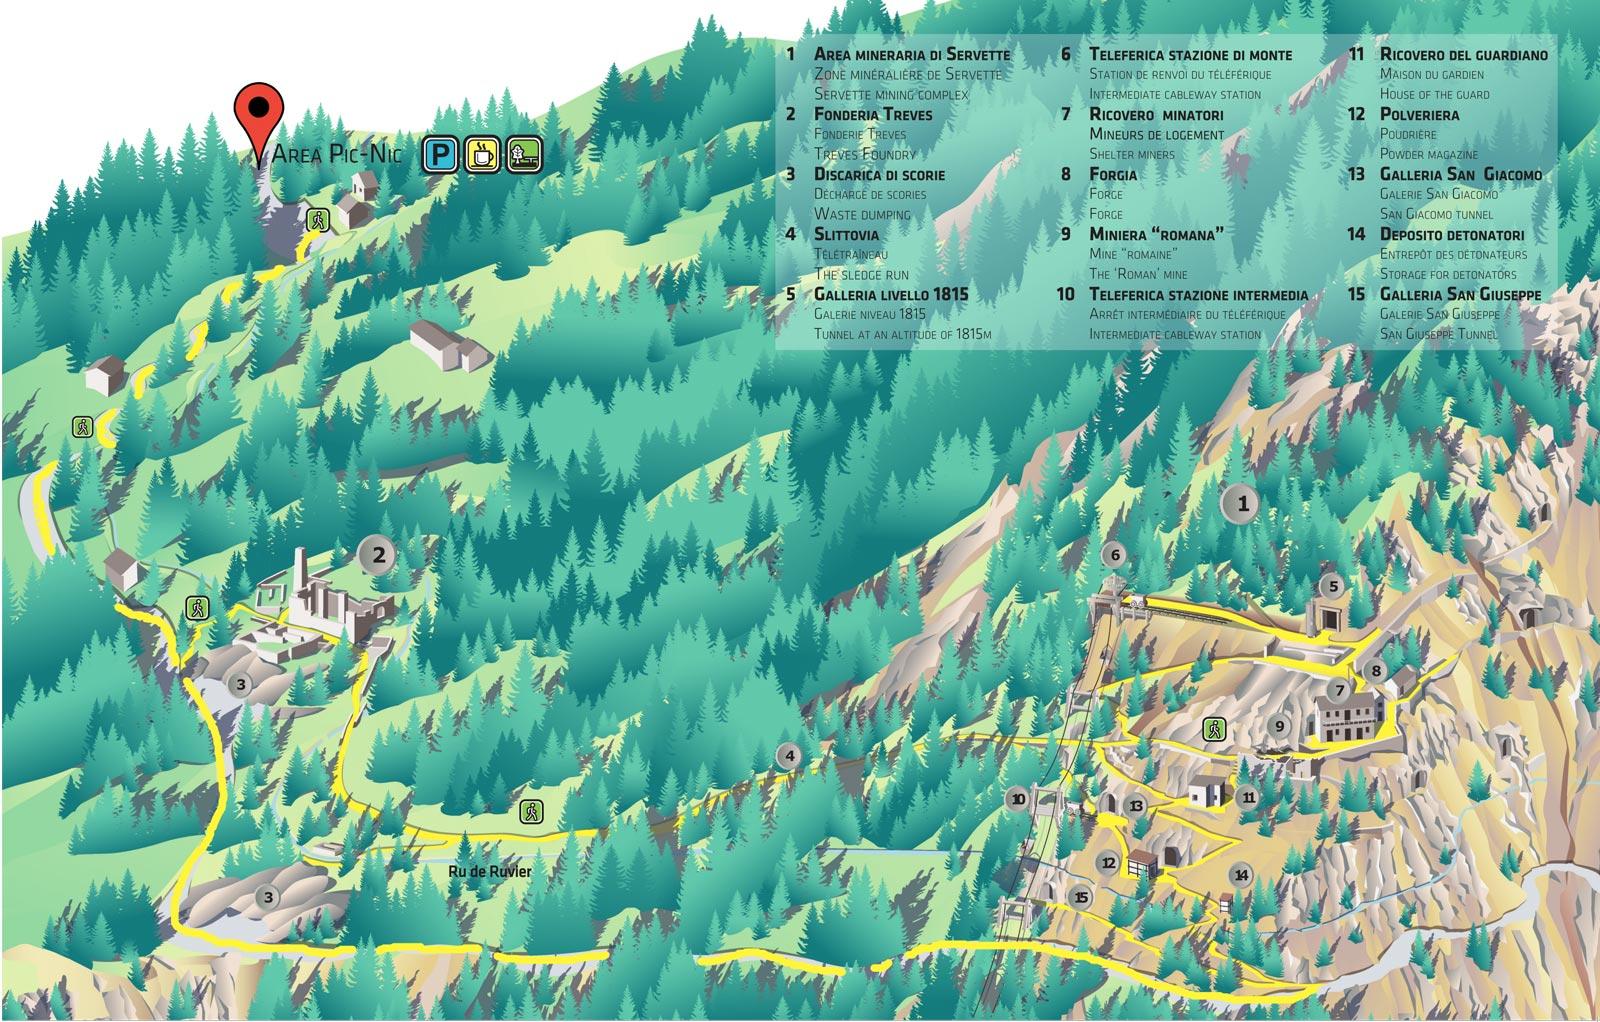 visita lunga Miniere Turistiche di Saint Marcel Valle d'Aosta